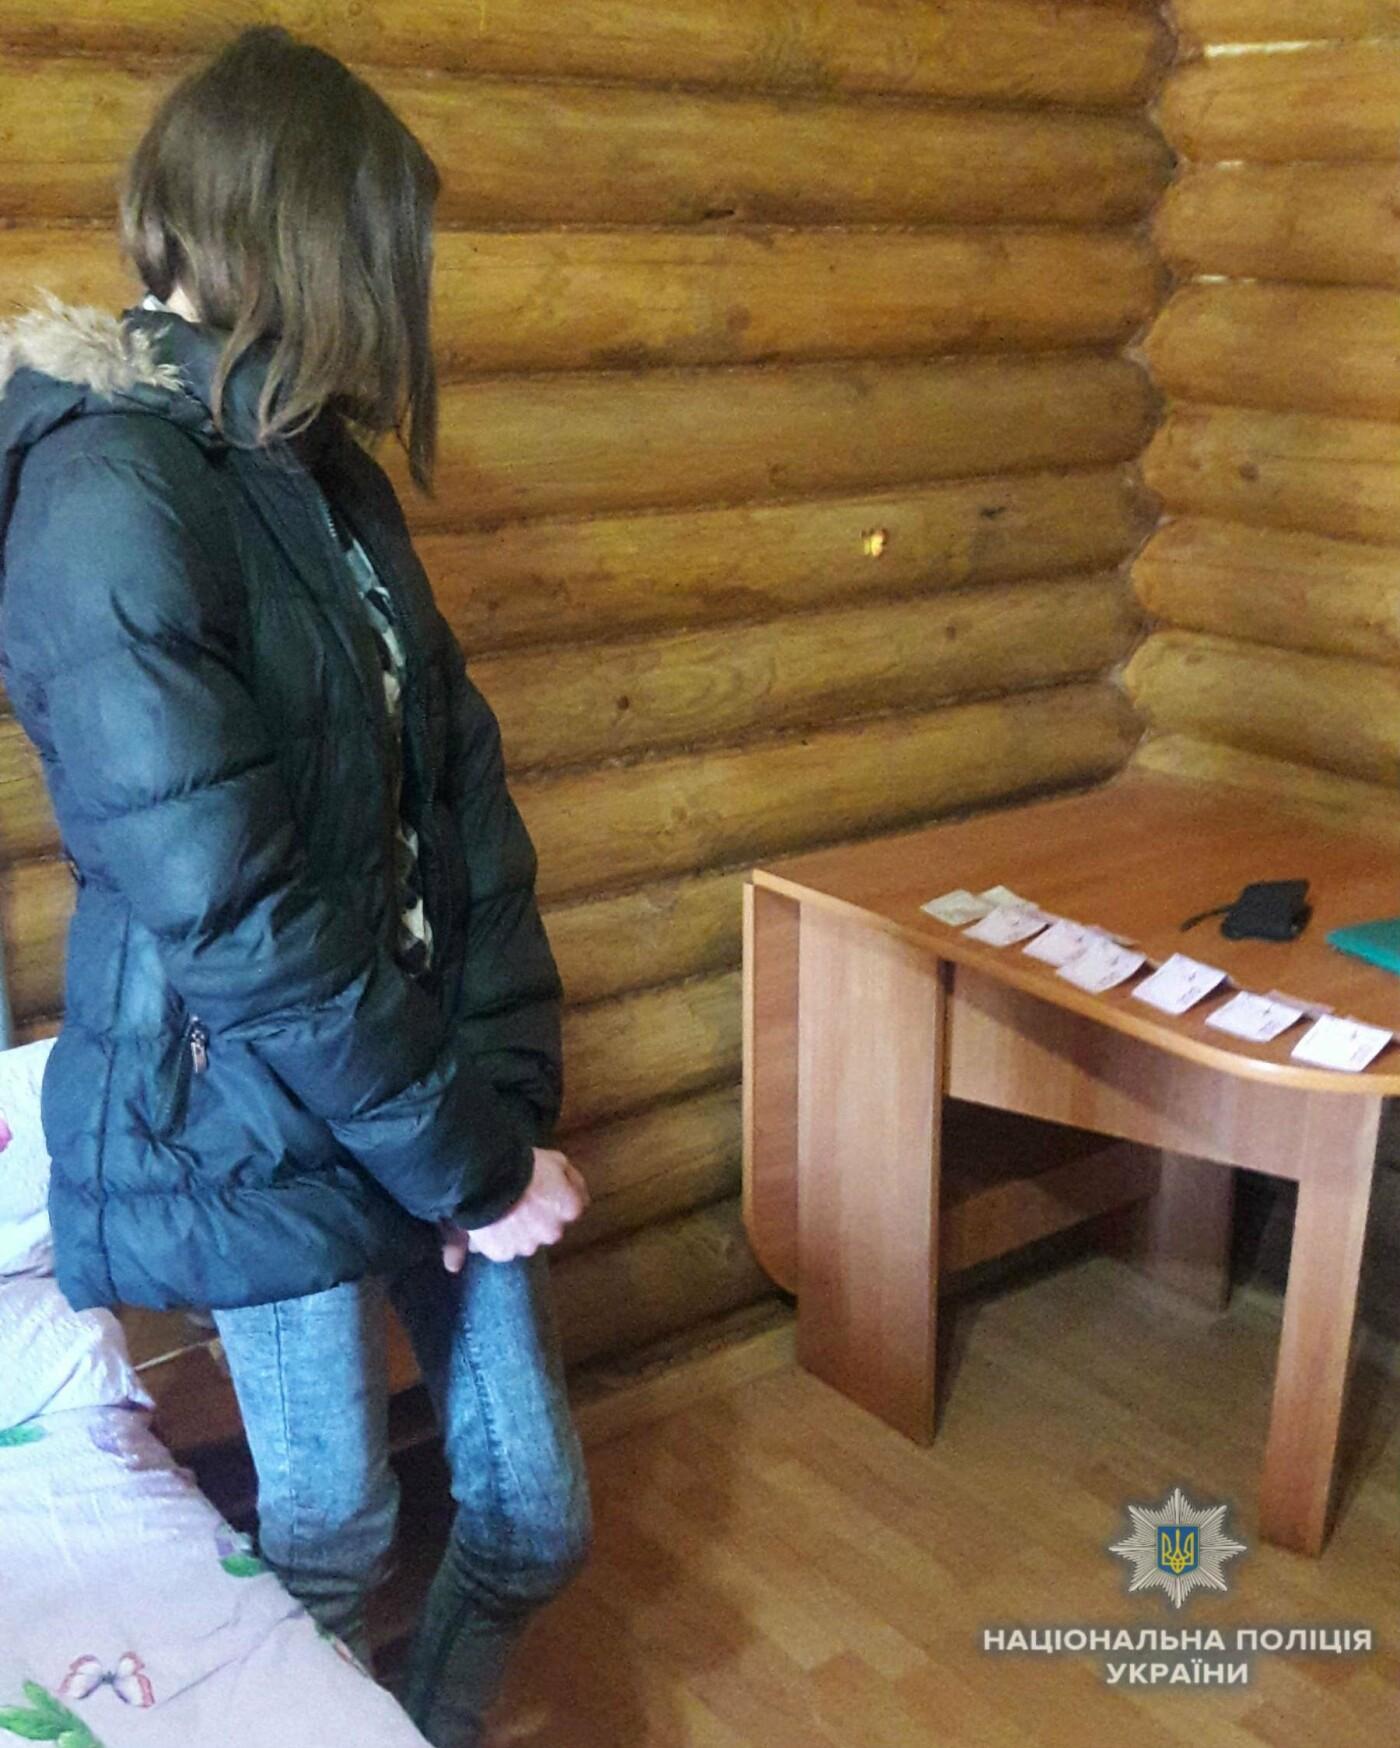 Шукали клієнтів в Інтернеті: 19-річна і 43-річна повії продавали тіло у Сваляві за 1500 гривень (ФОТО), фото-1